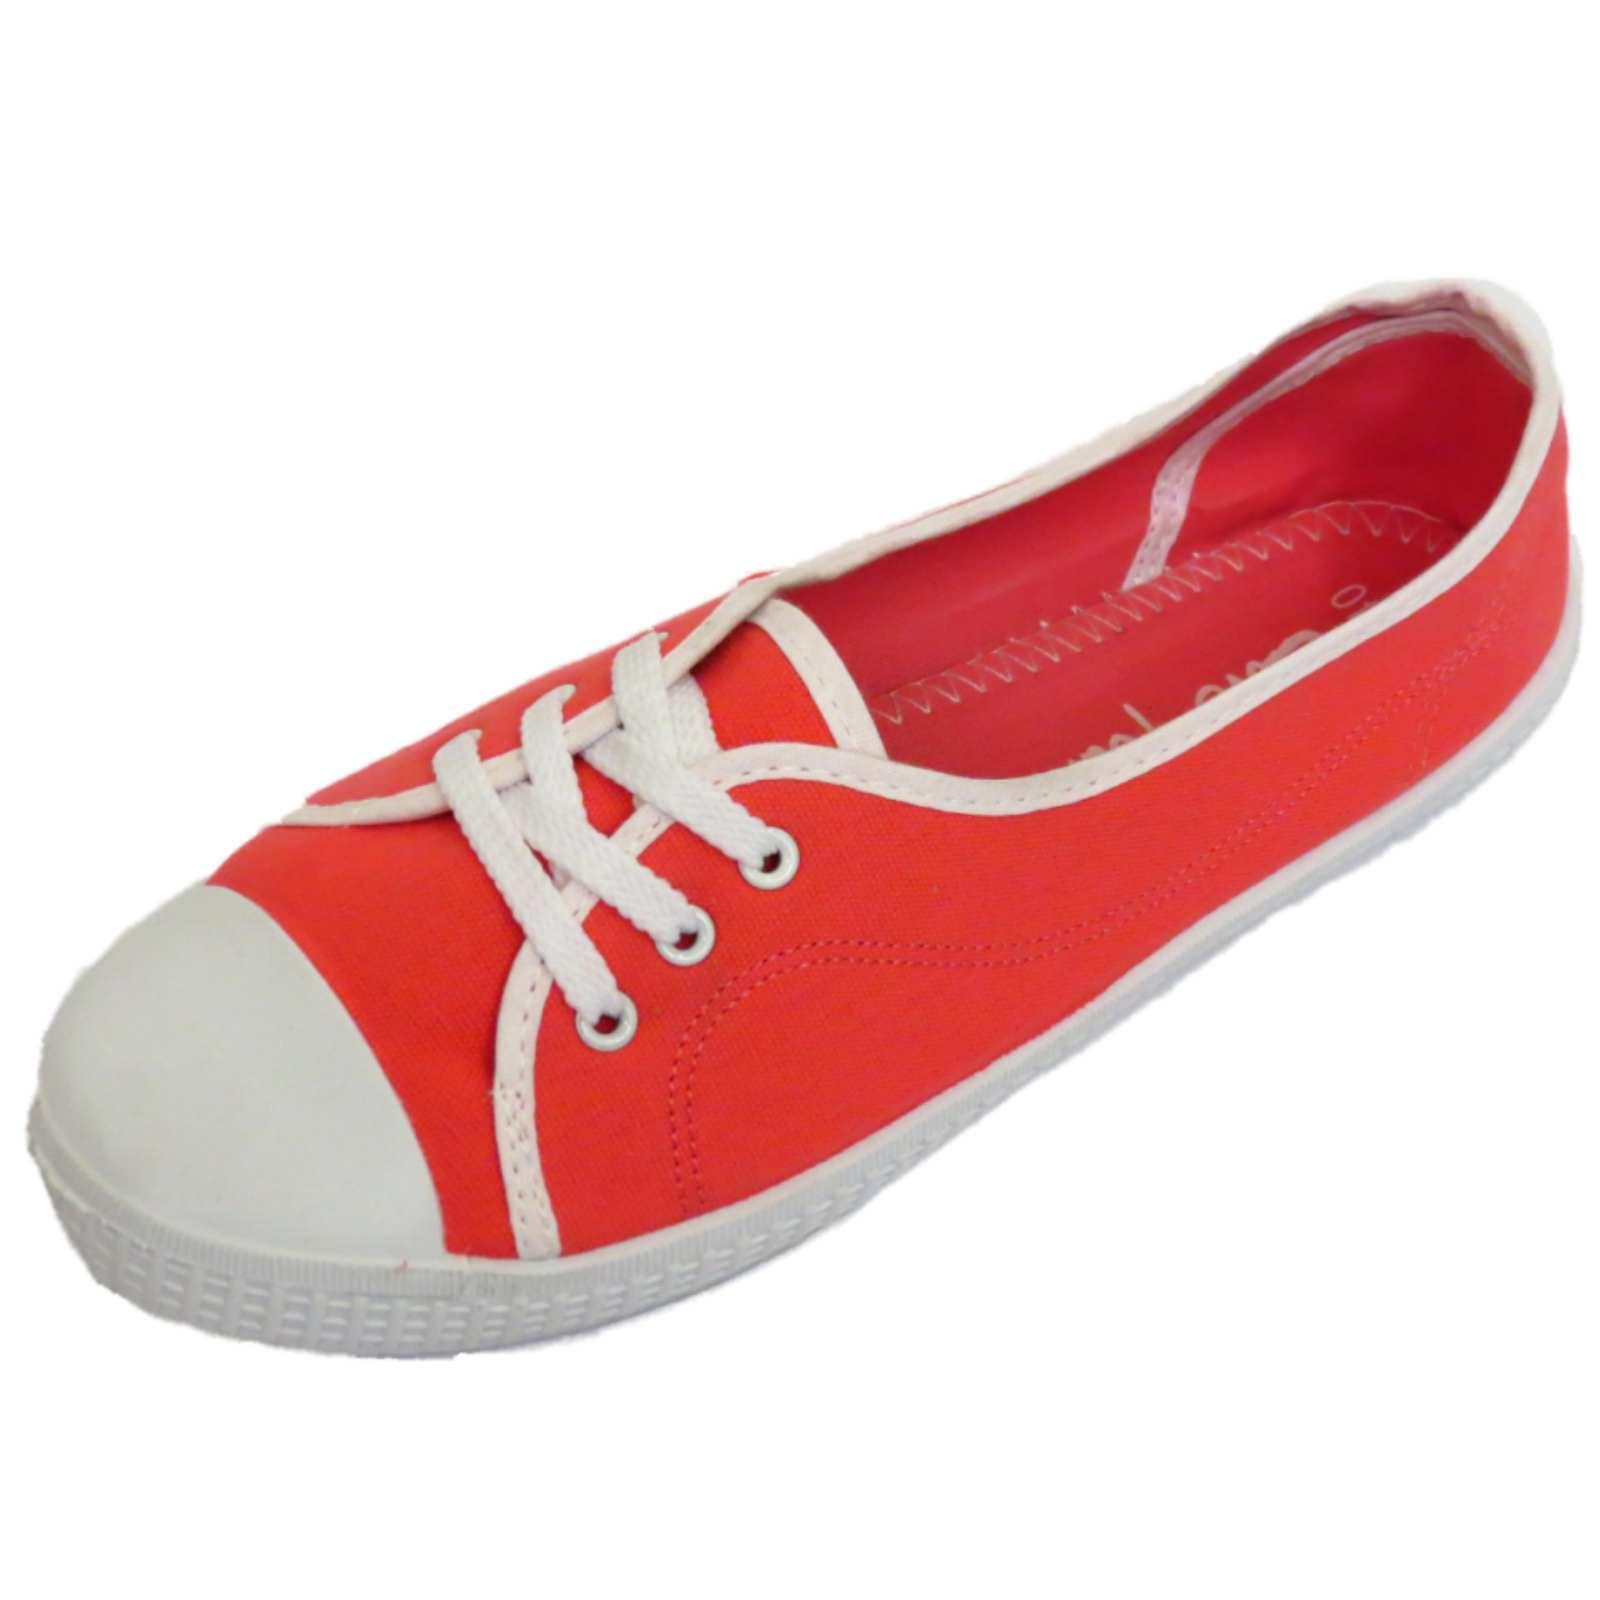 Damen rote Slipper Flache Leinen Turnschuhe Pumps Freizeitschuhe Größen 3-9